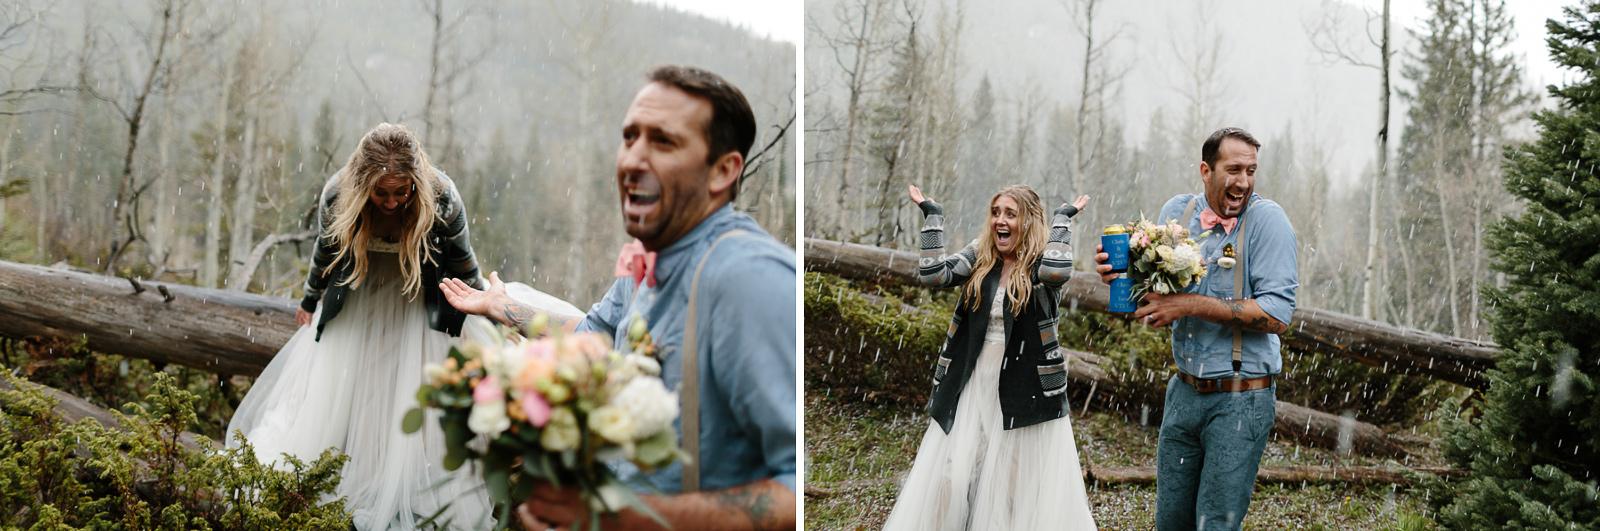 068-vail-elopement-photographer-chris-and-tara.jpg